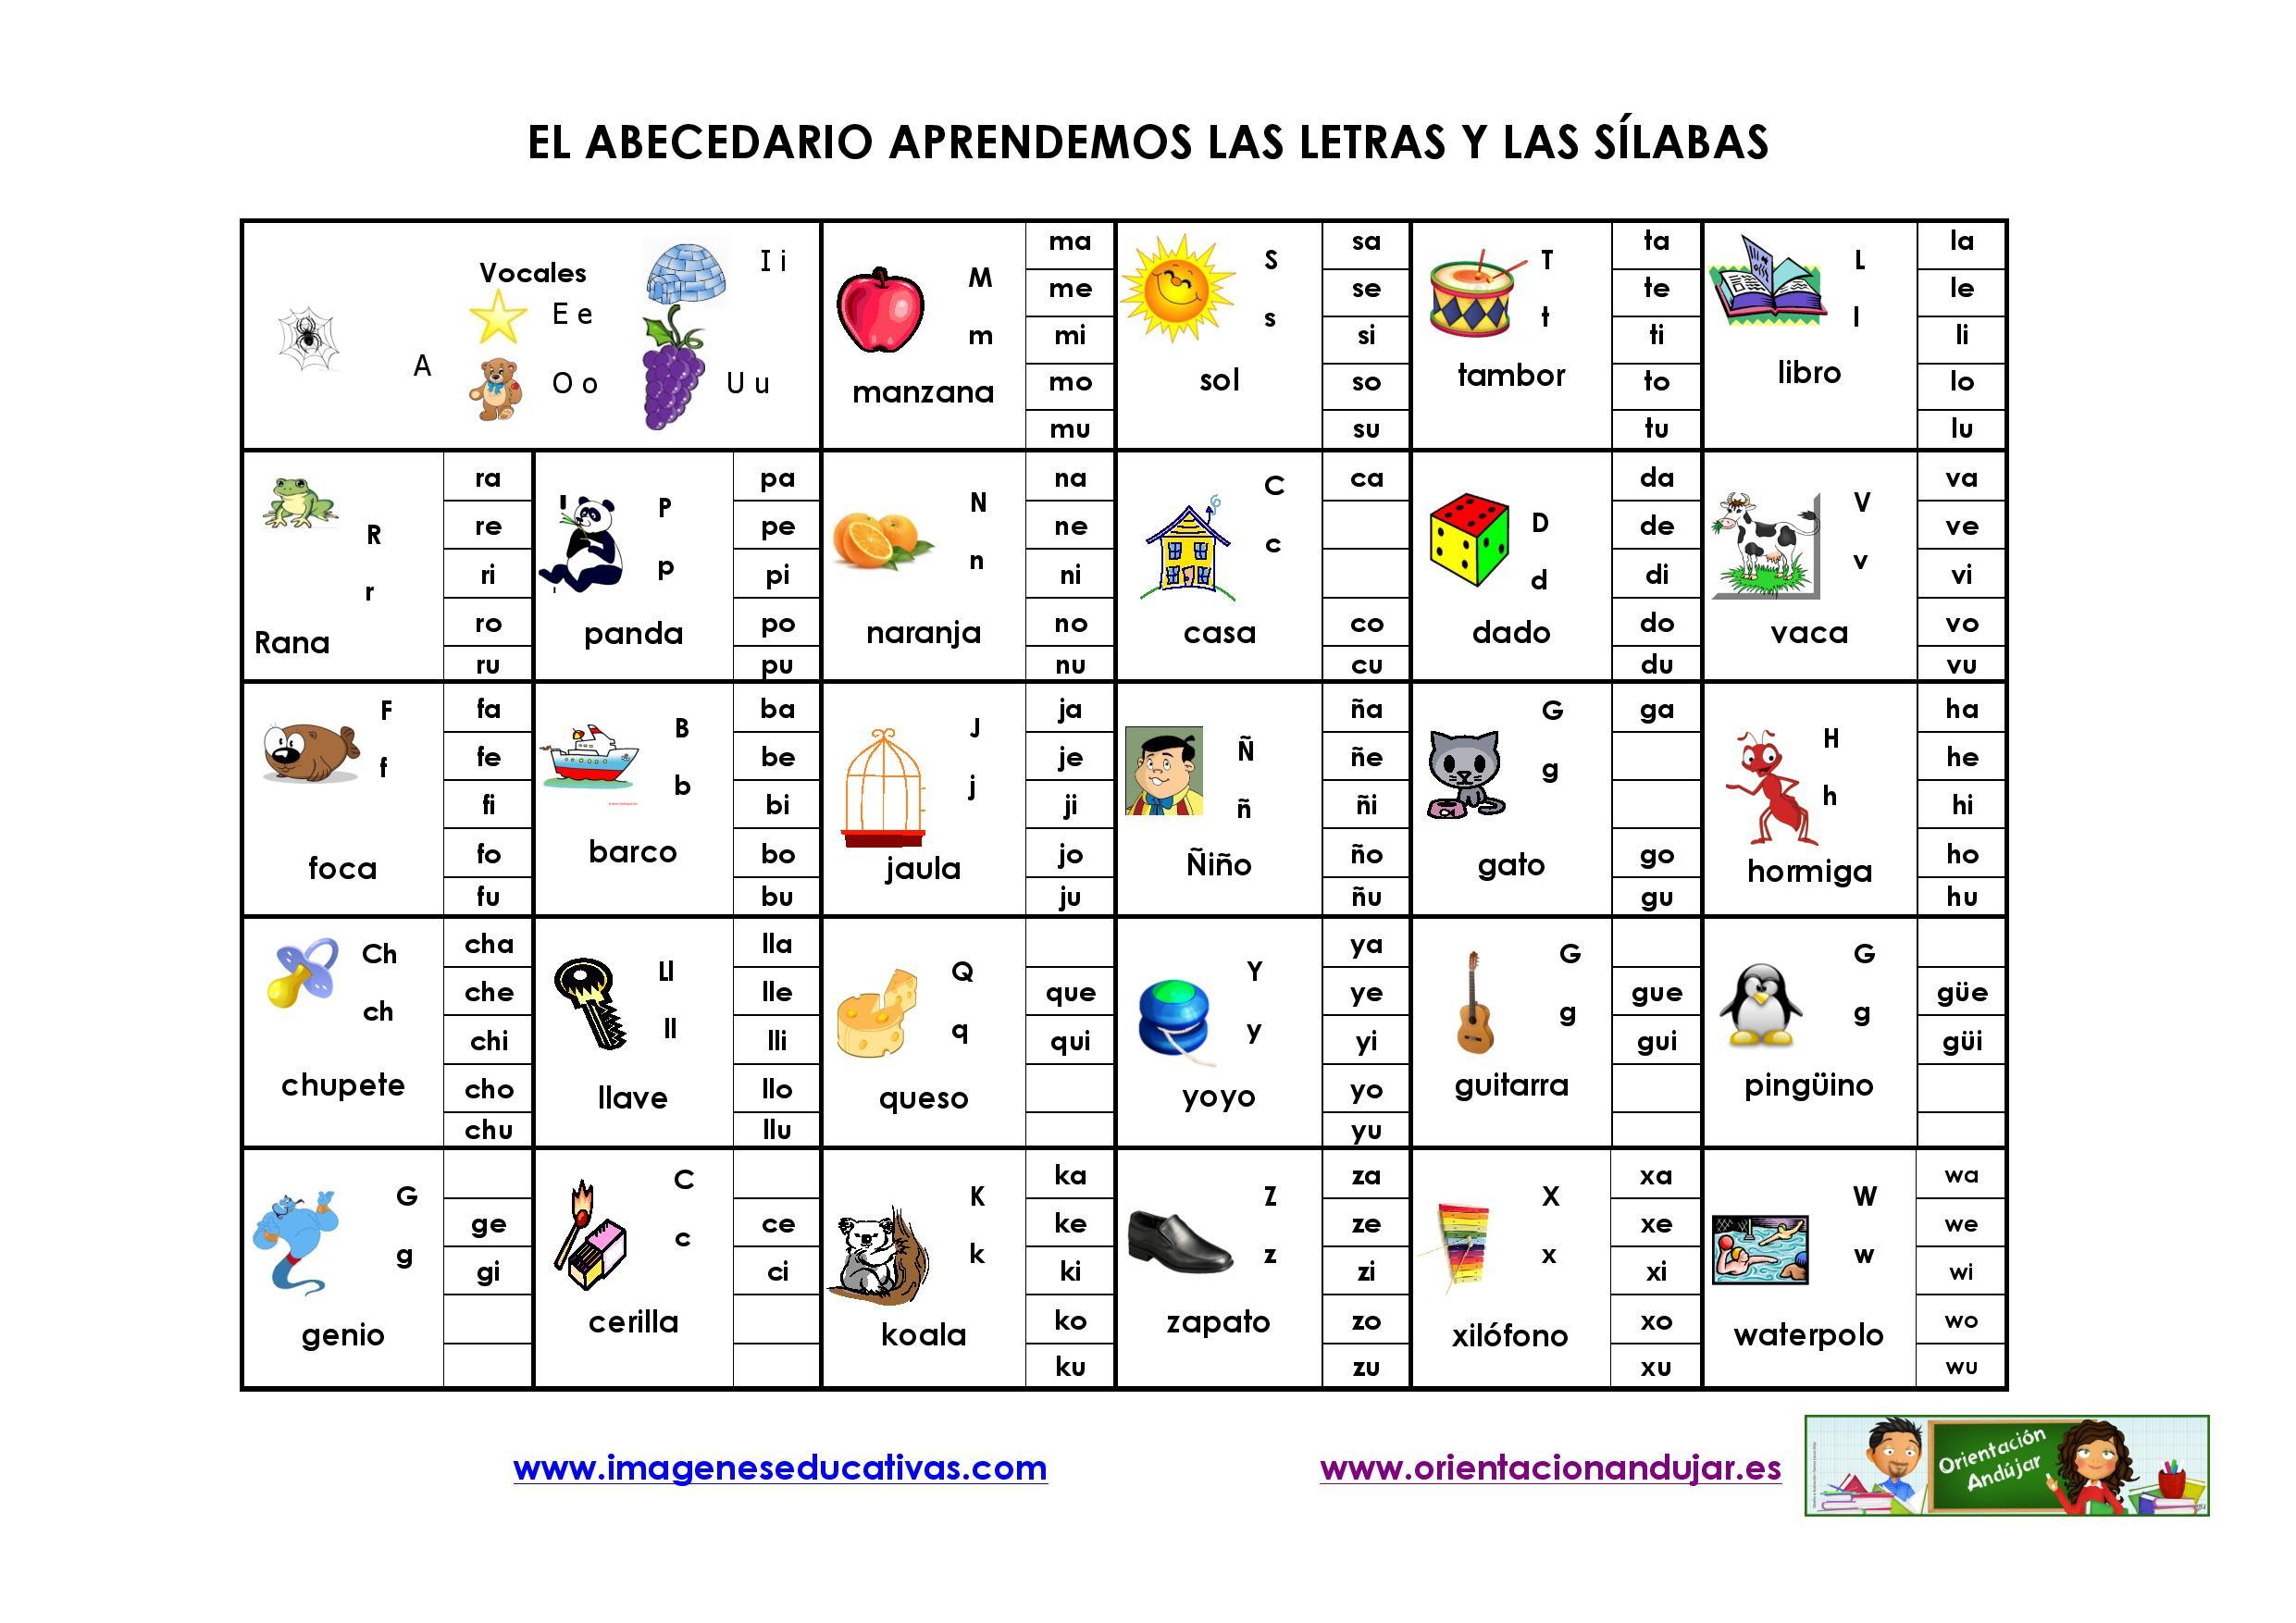 El abecedario aprendemos las letras y las sílabas